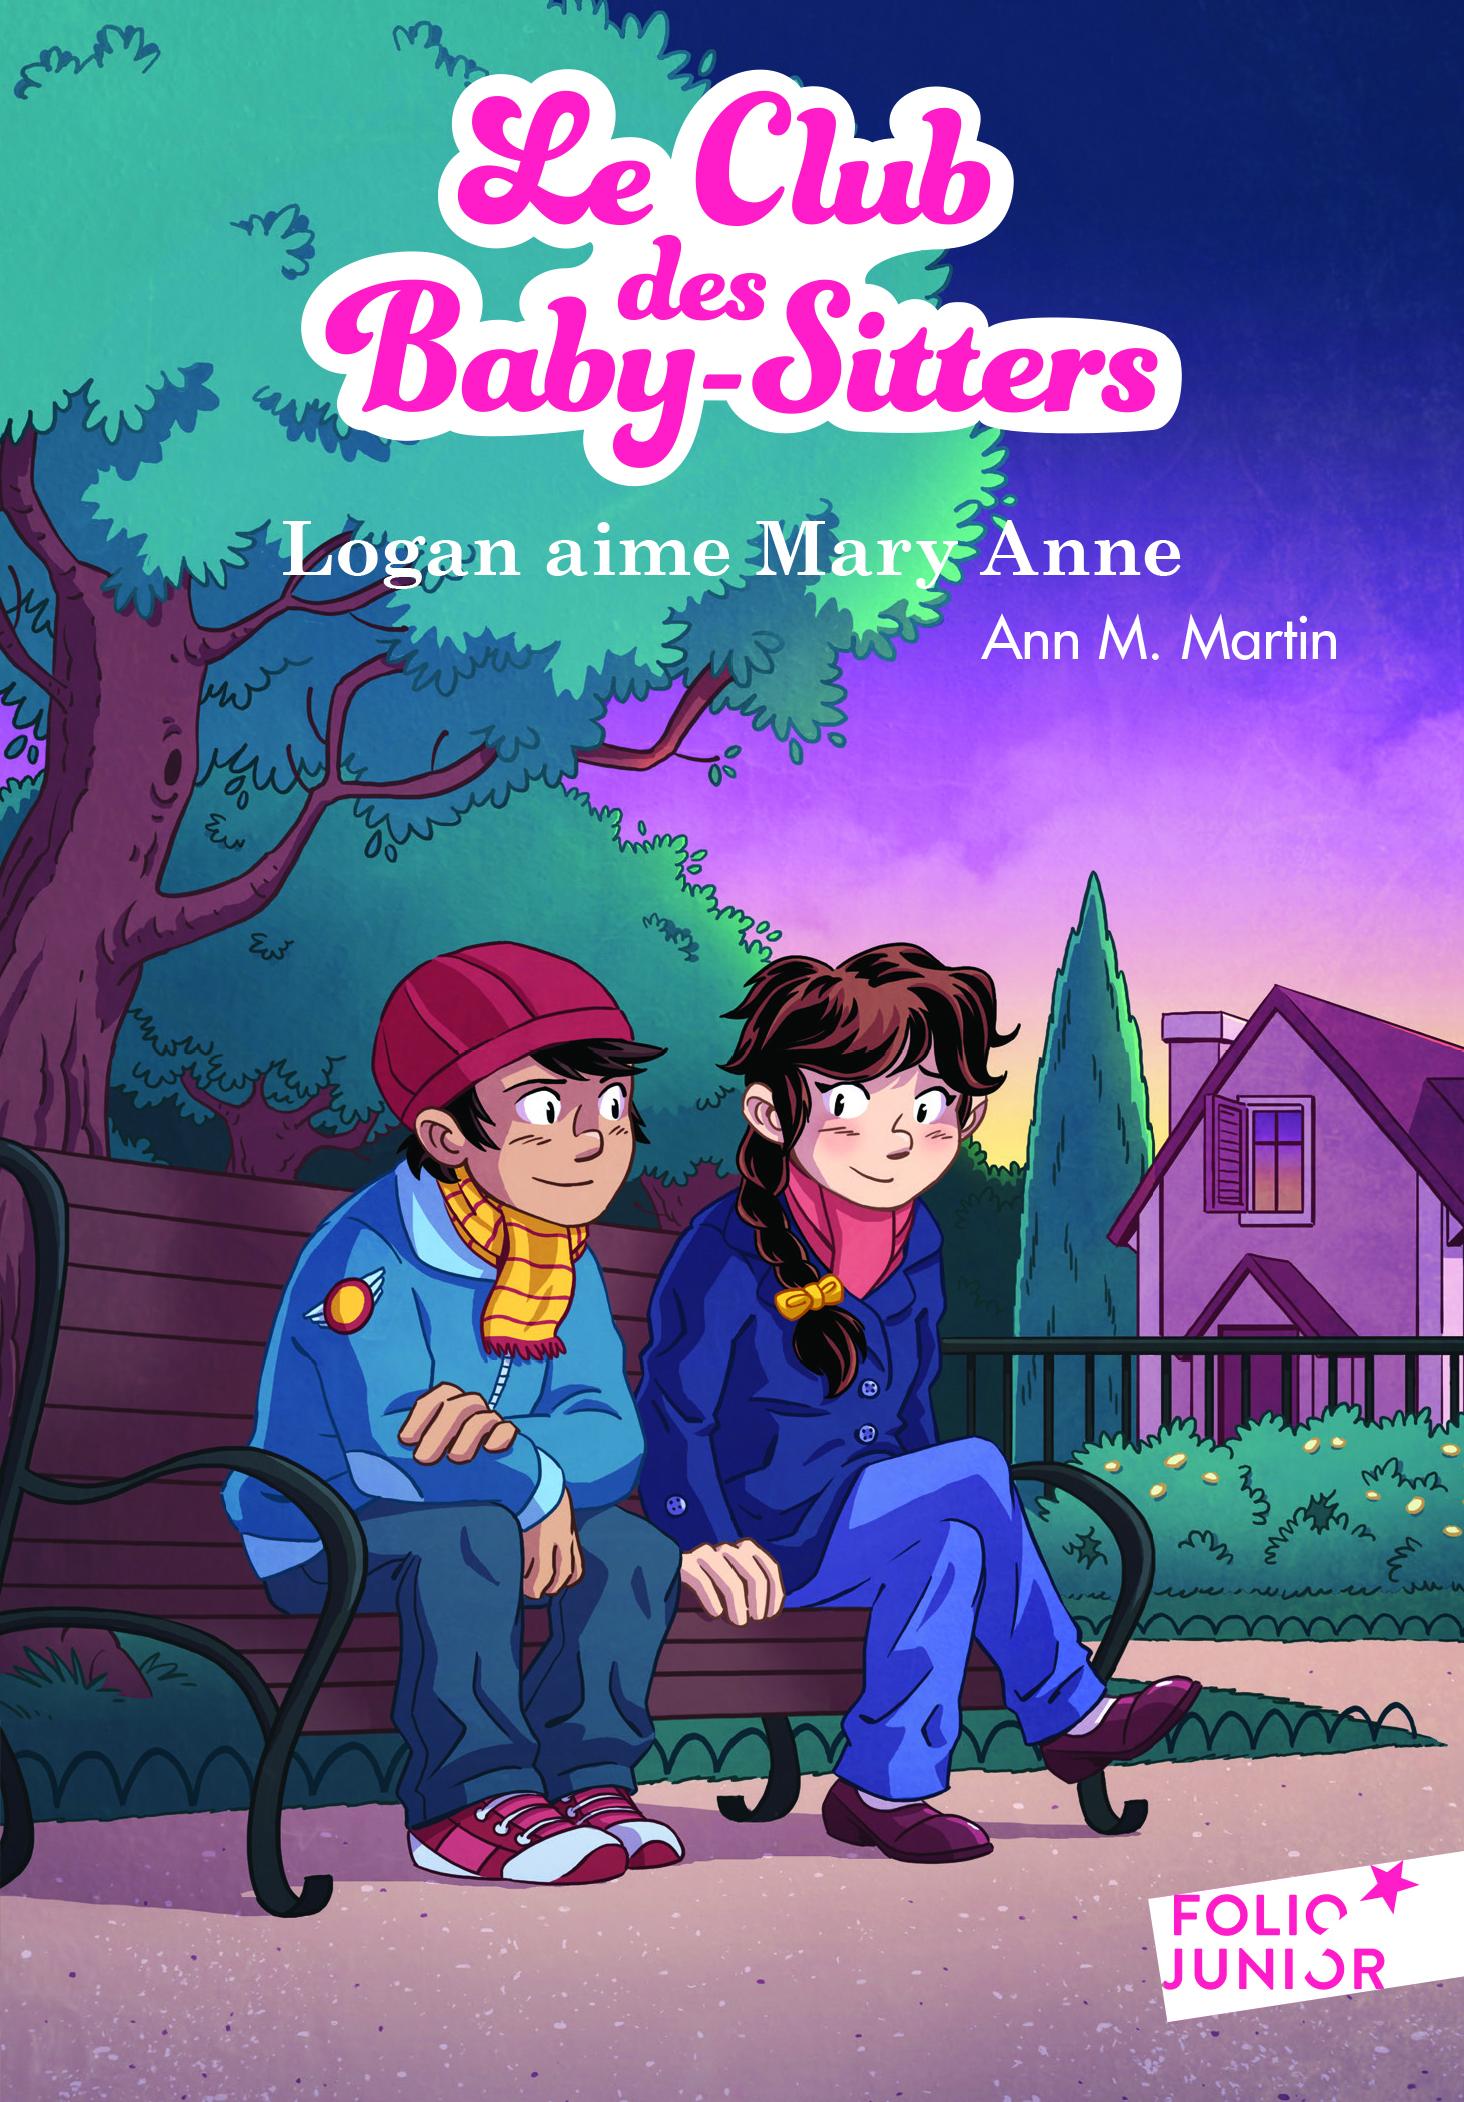 LOGAN AIME MARY ANNE